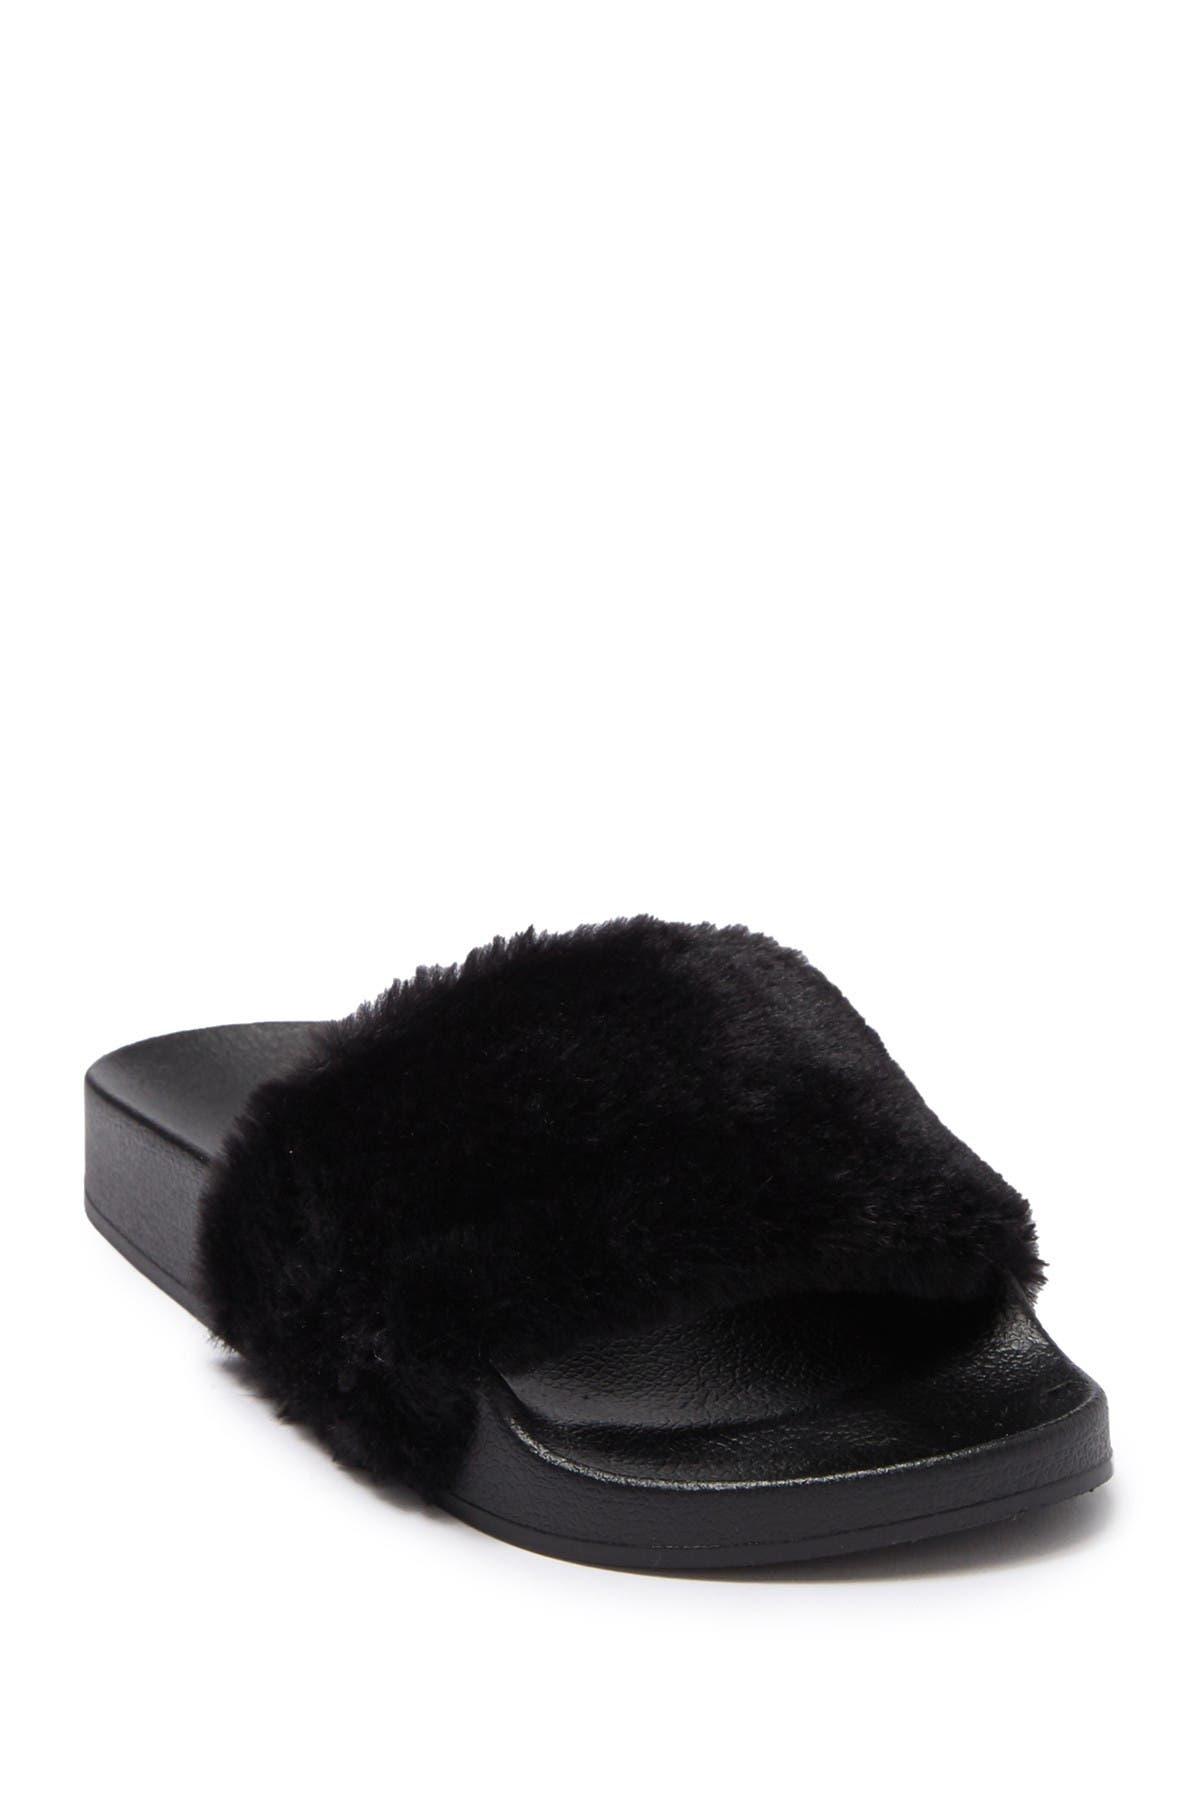 Image of Steve Madden Softey Faux Fur Slide